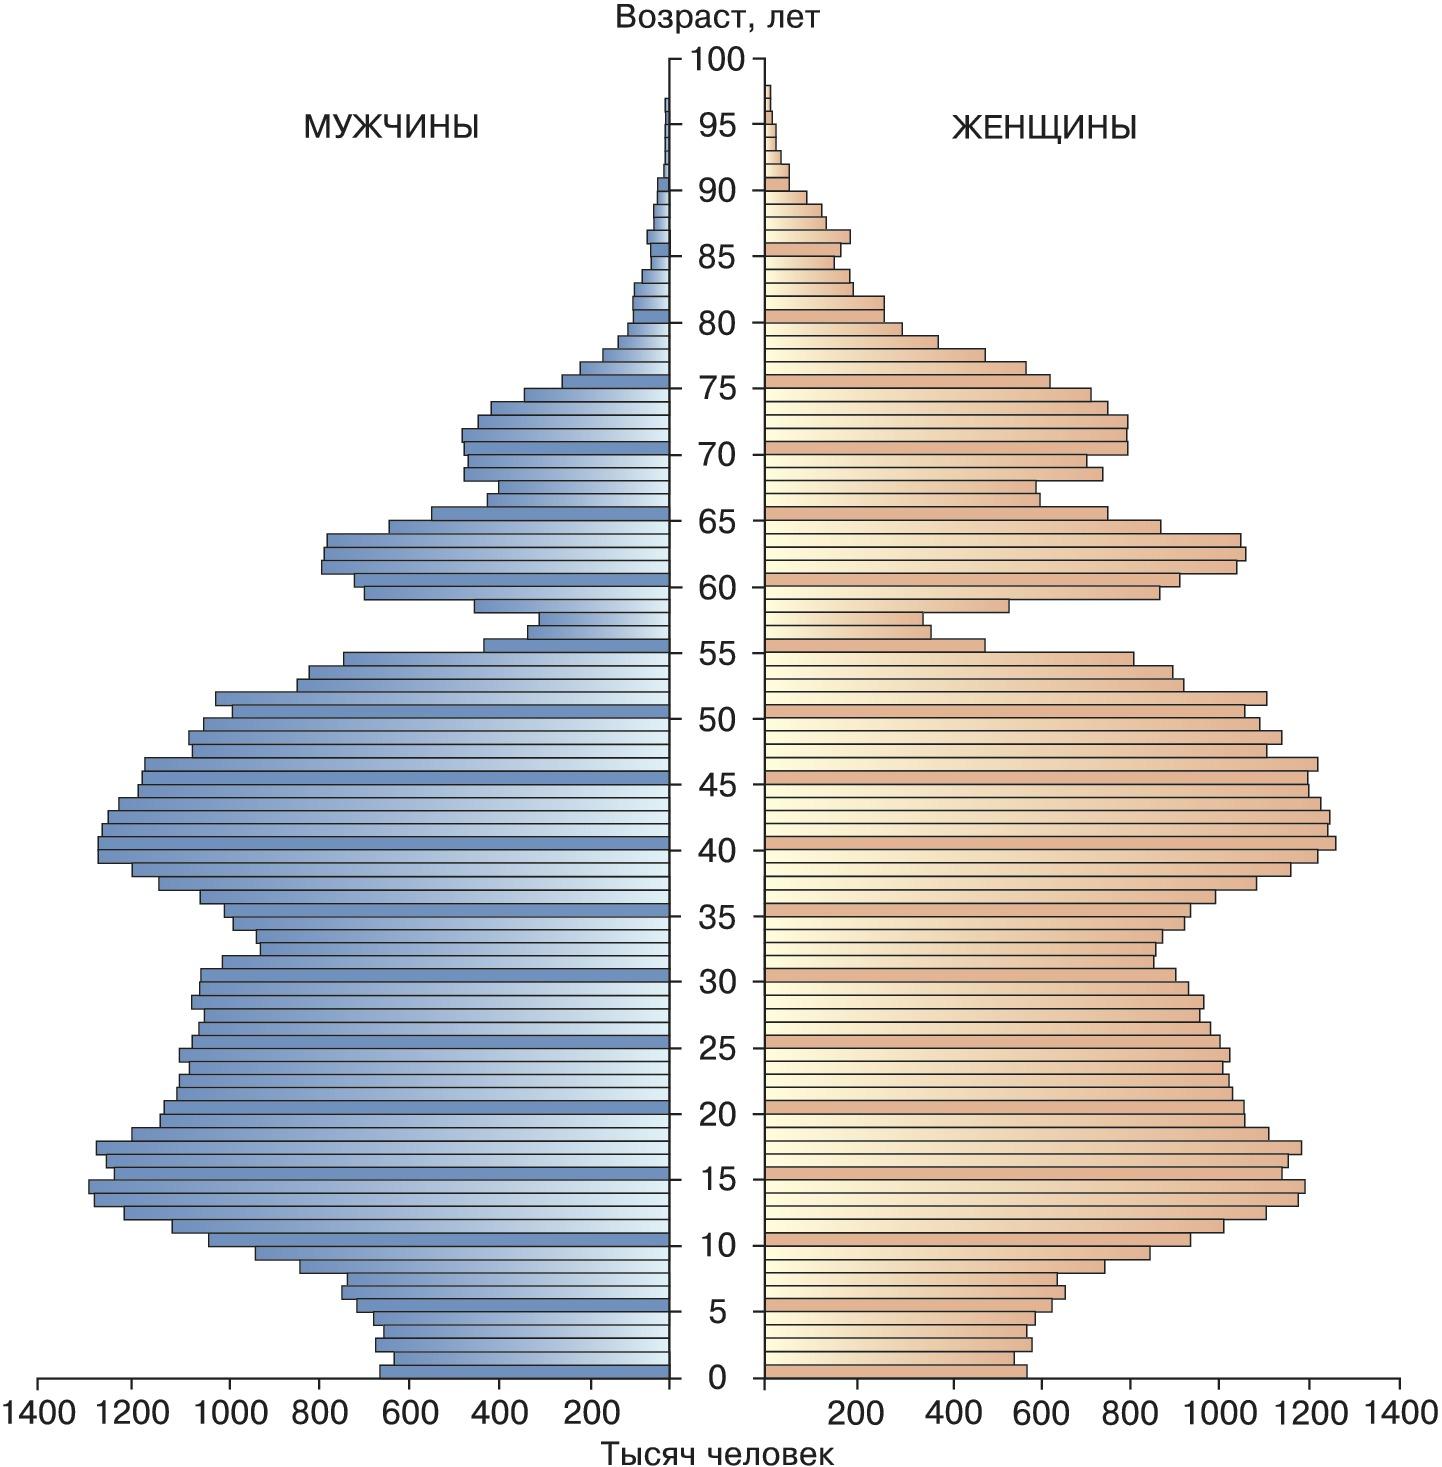 факторы рождаемости